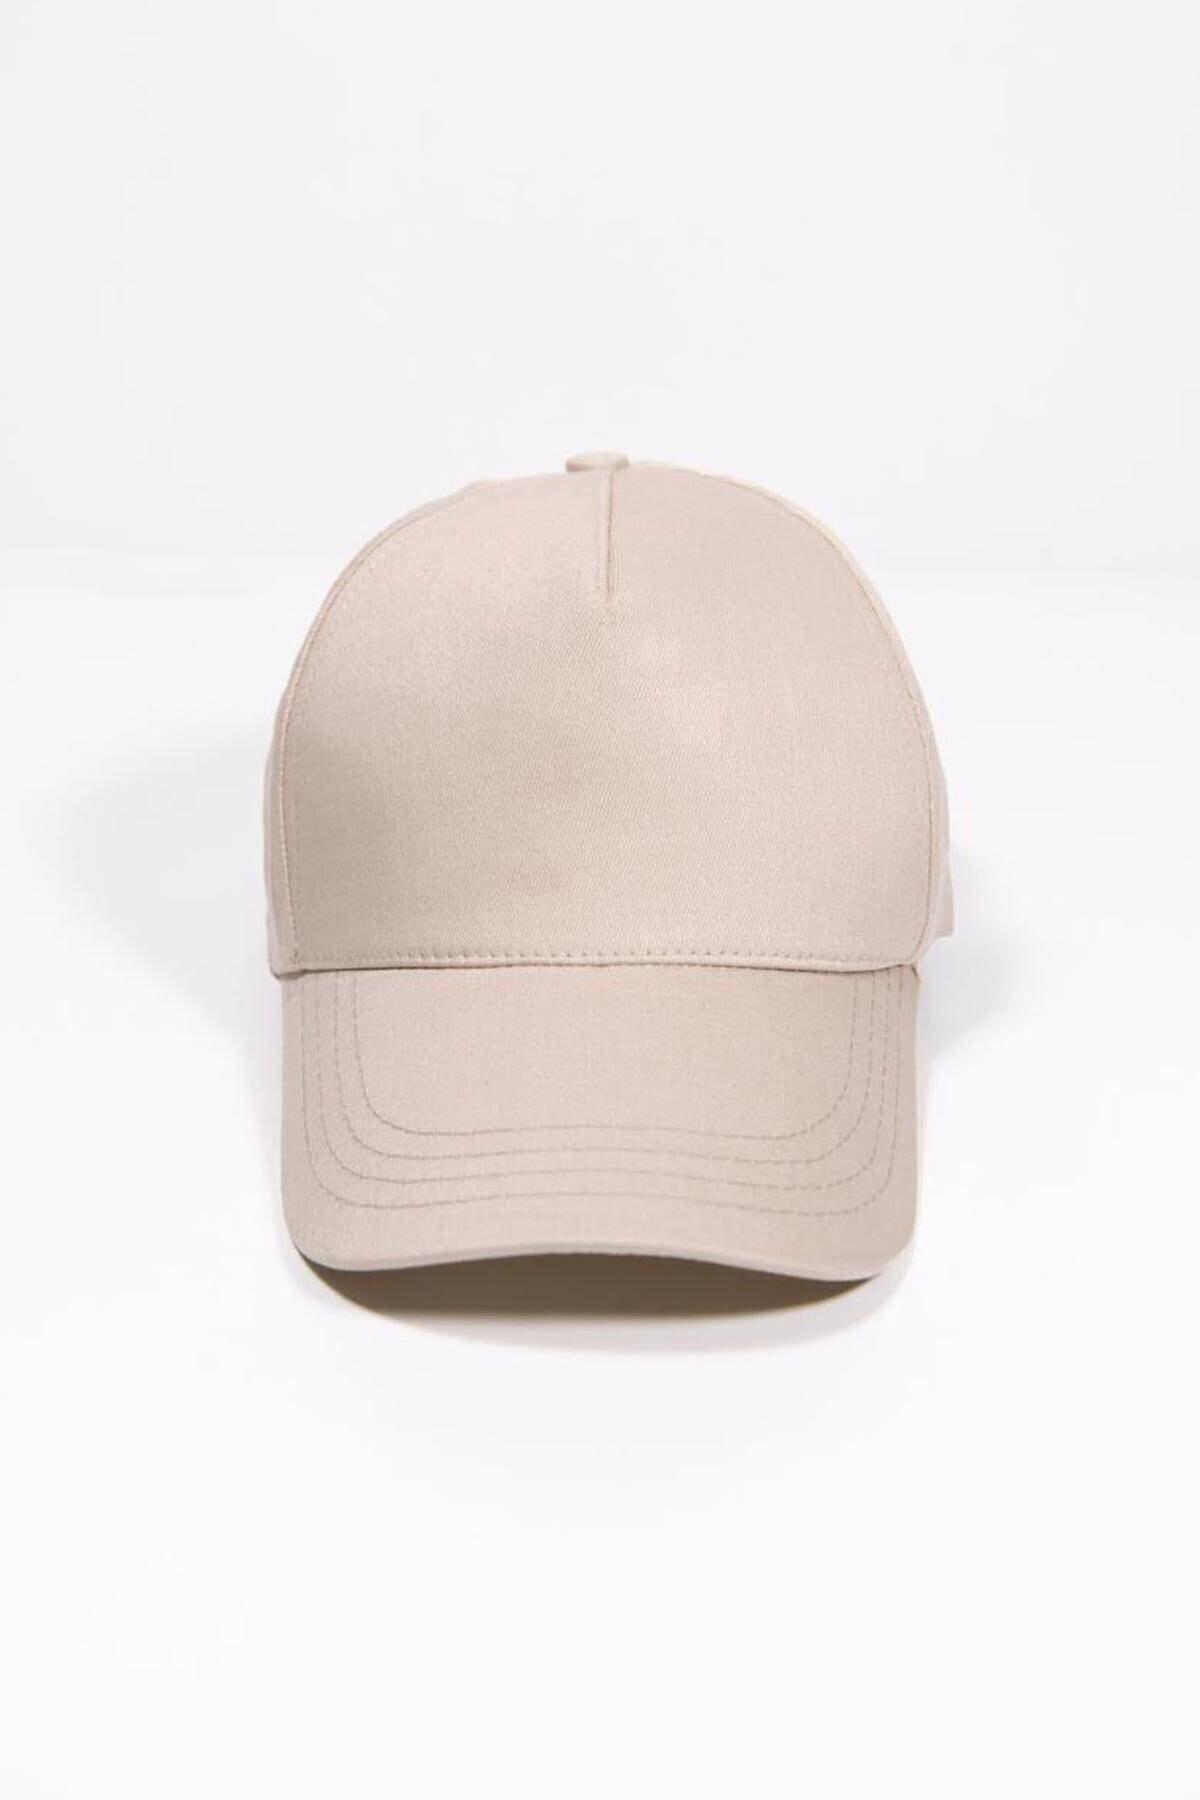 Addax Kadın Bej Unisex Şapka Şpk1007 - F1 Adx-0000022027 3